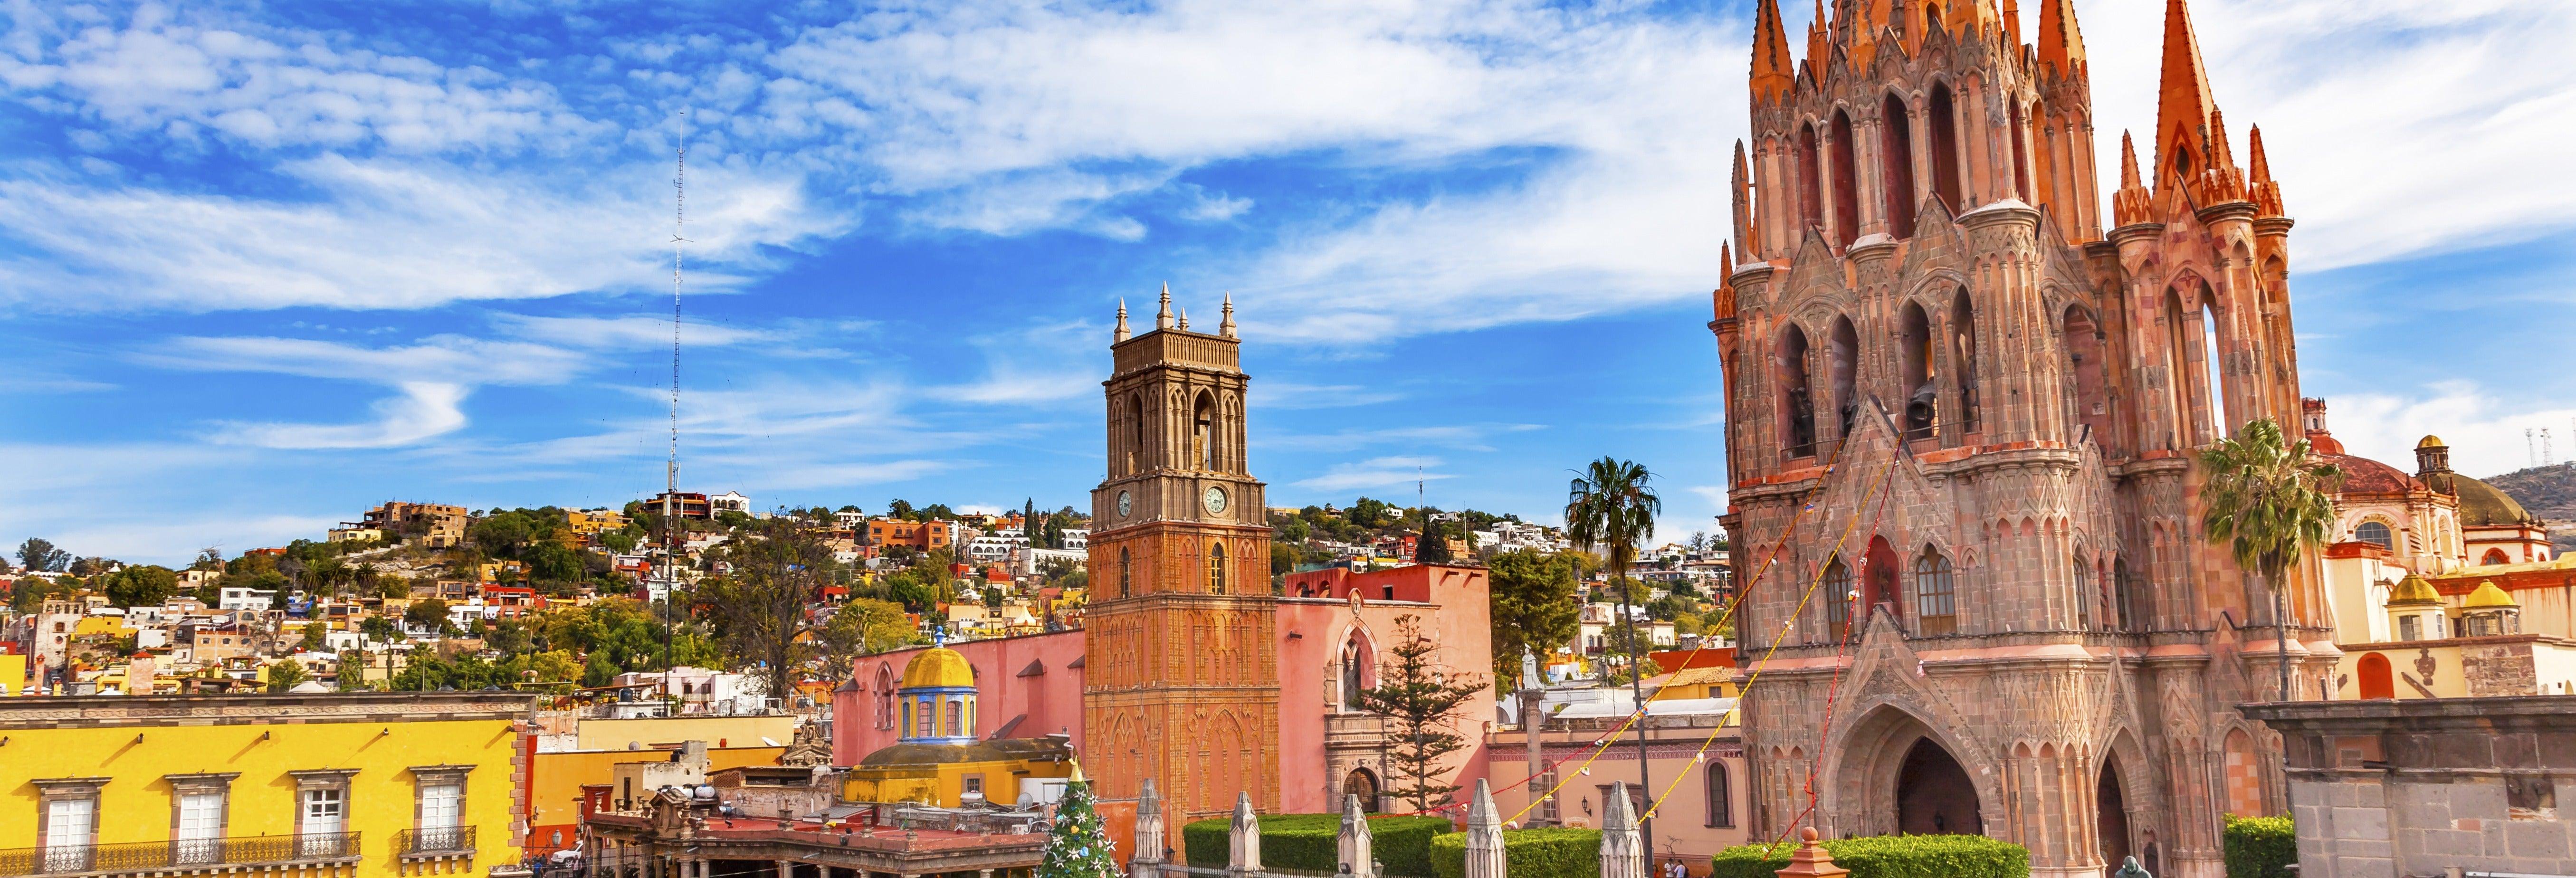 Escursione a San Miguel de Allende